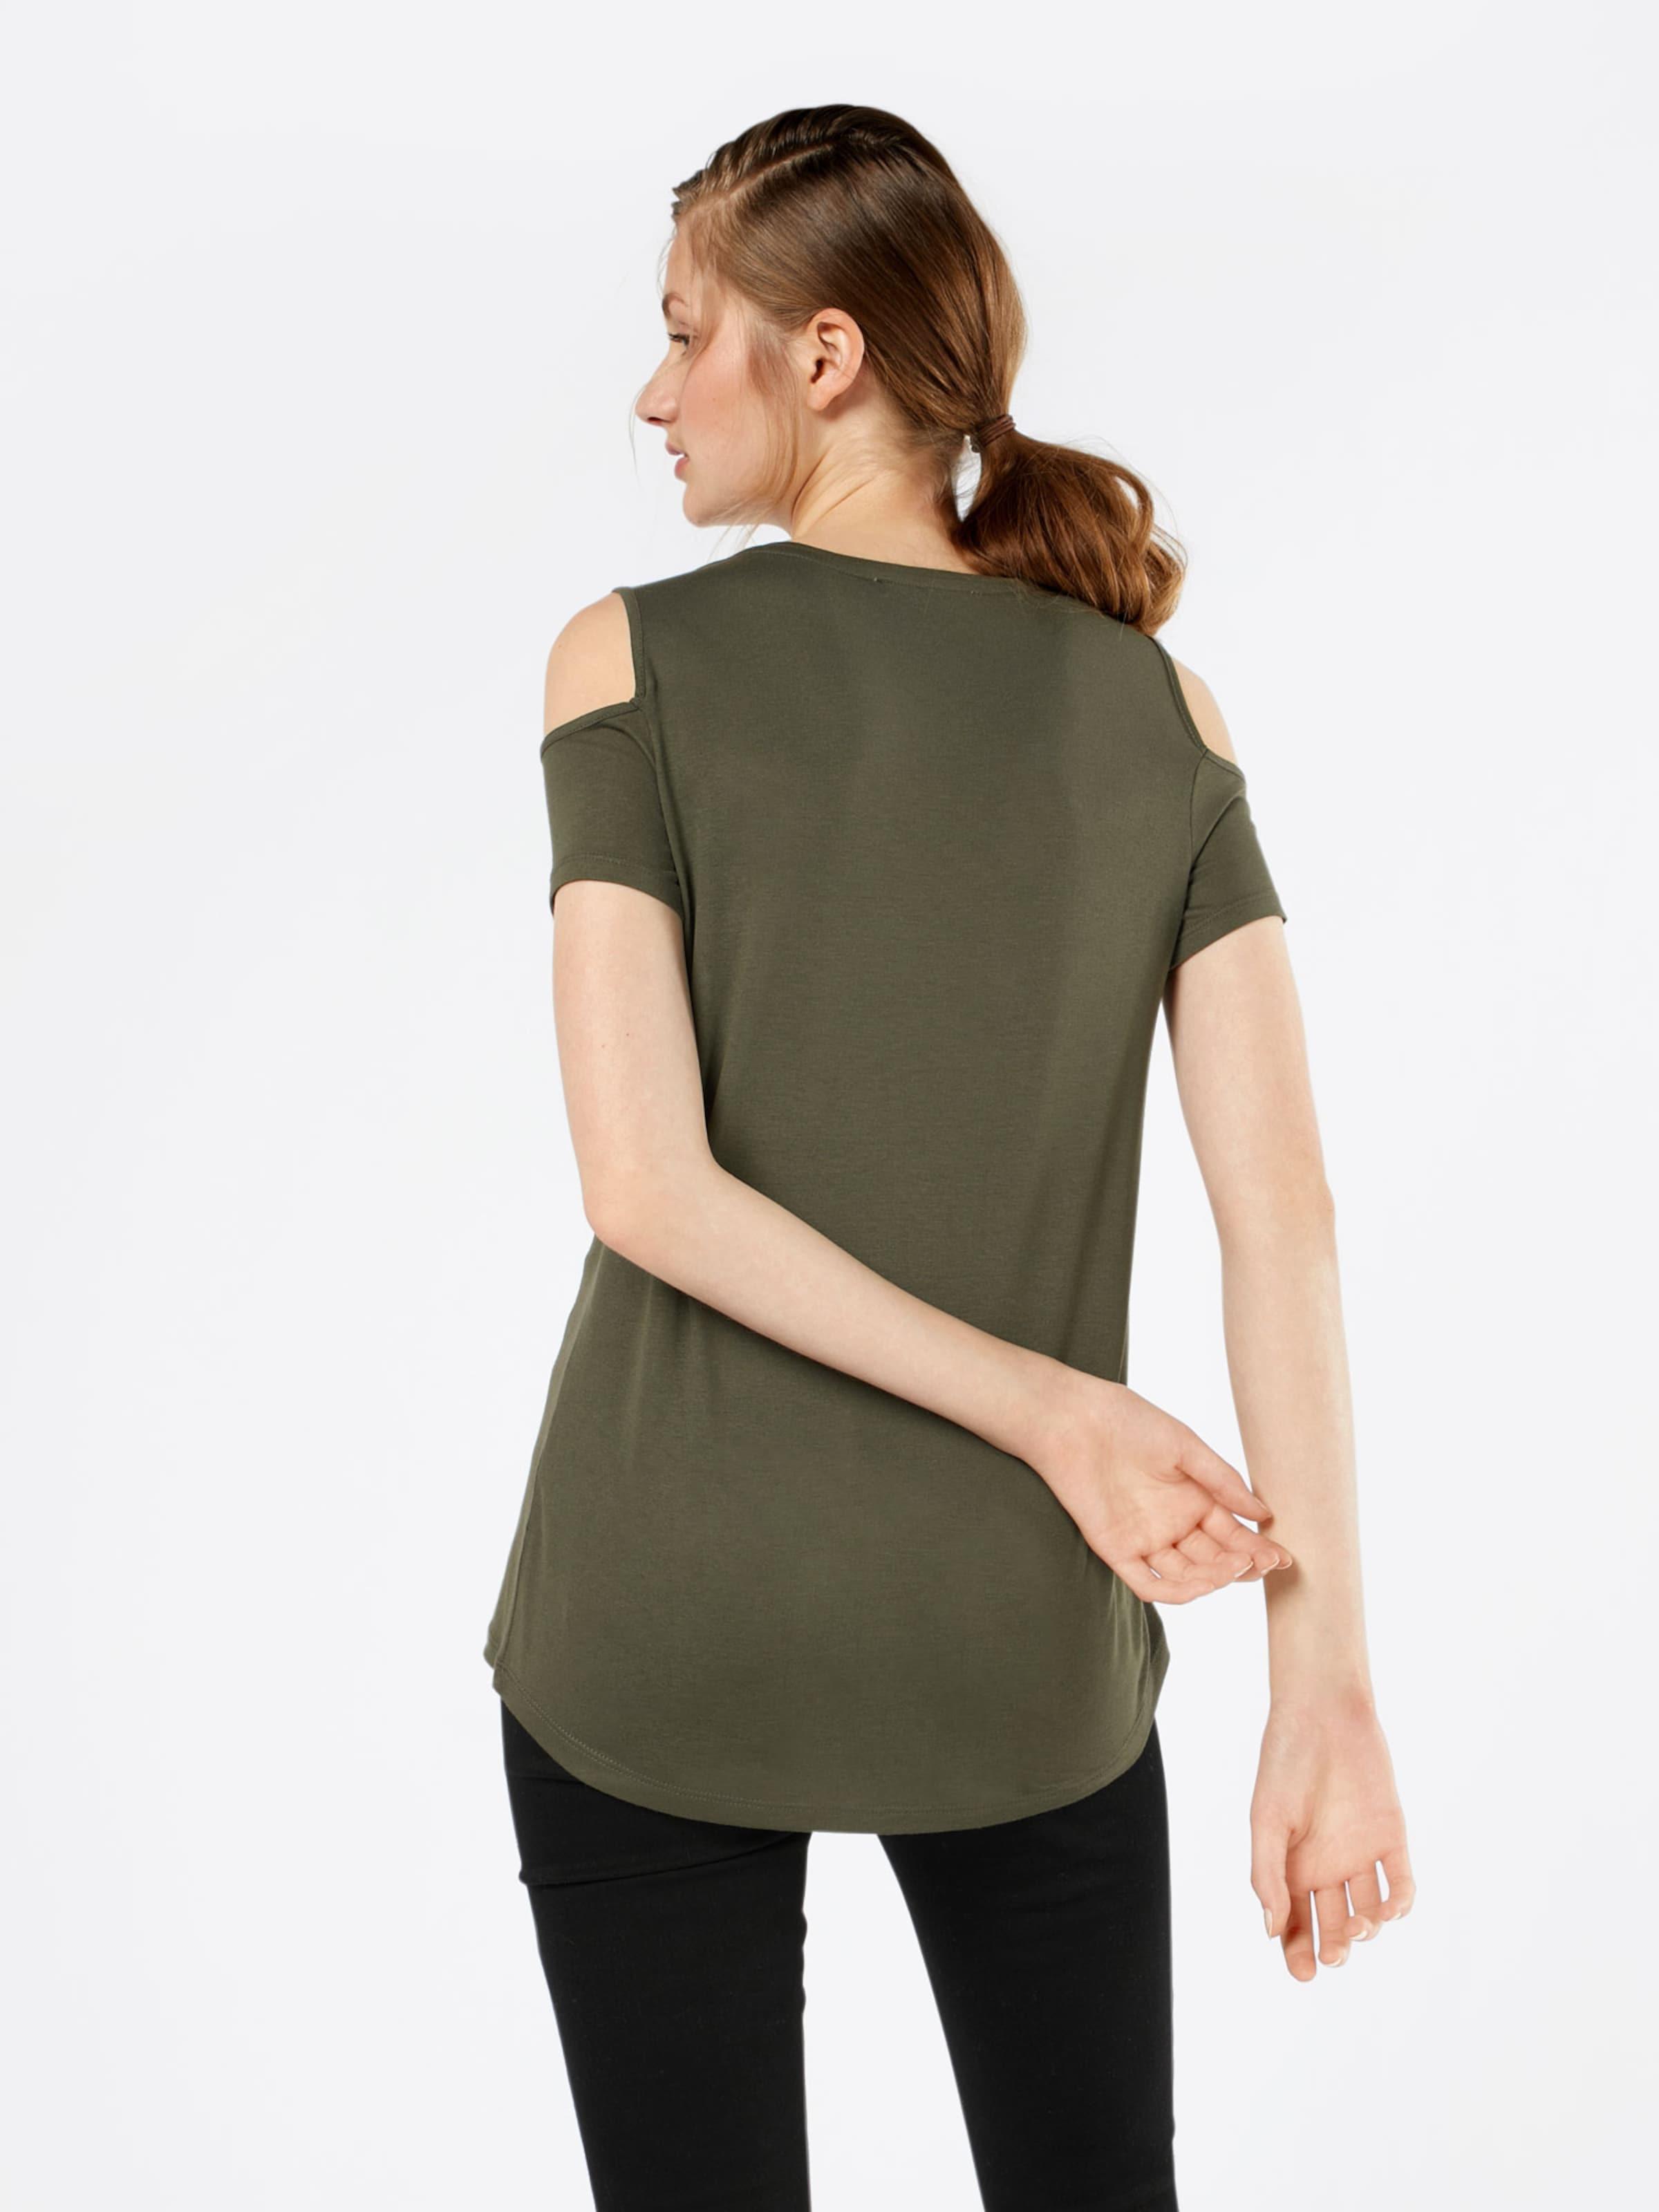 anna & ella Shirt 'LIZ' Verkauf Vermarktbare cz6e1NwKW